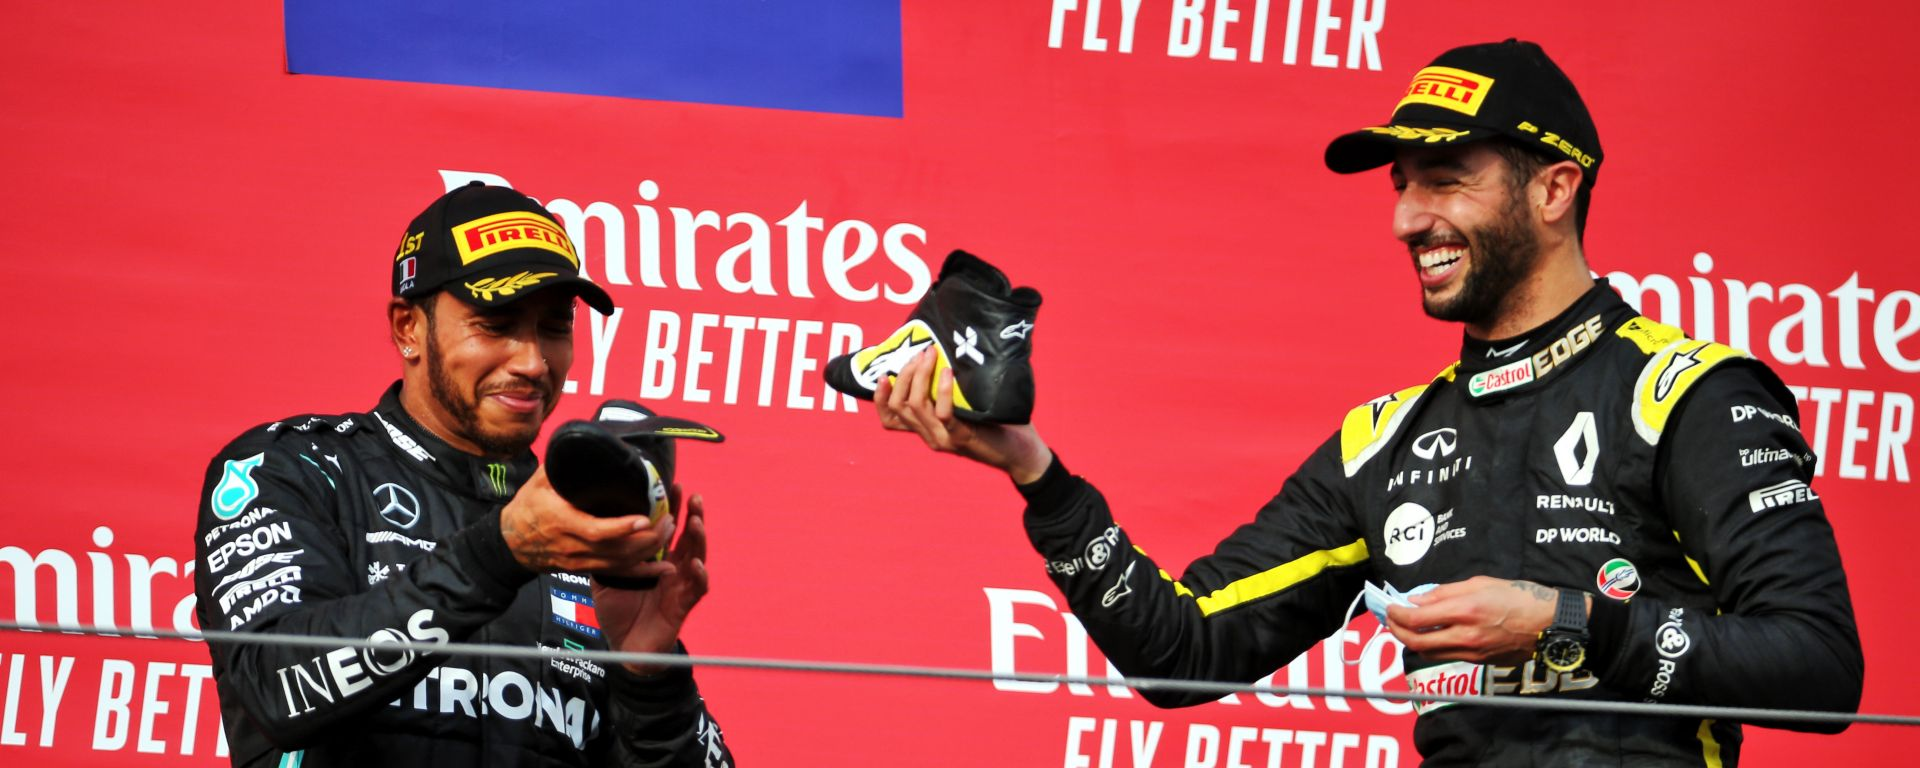 F1 GP Emilia Romagna 2020, Imola: Lo shoey sul podio di Hamilton (Mercedes) e Ricciardo (Renault)